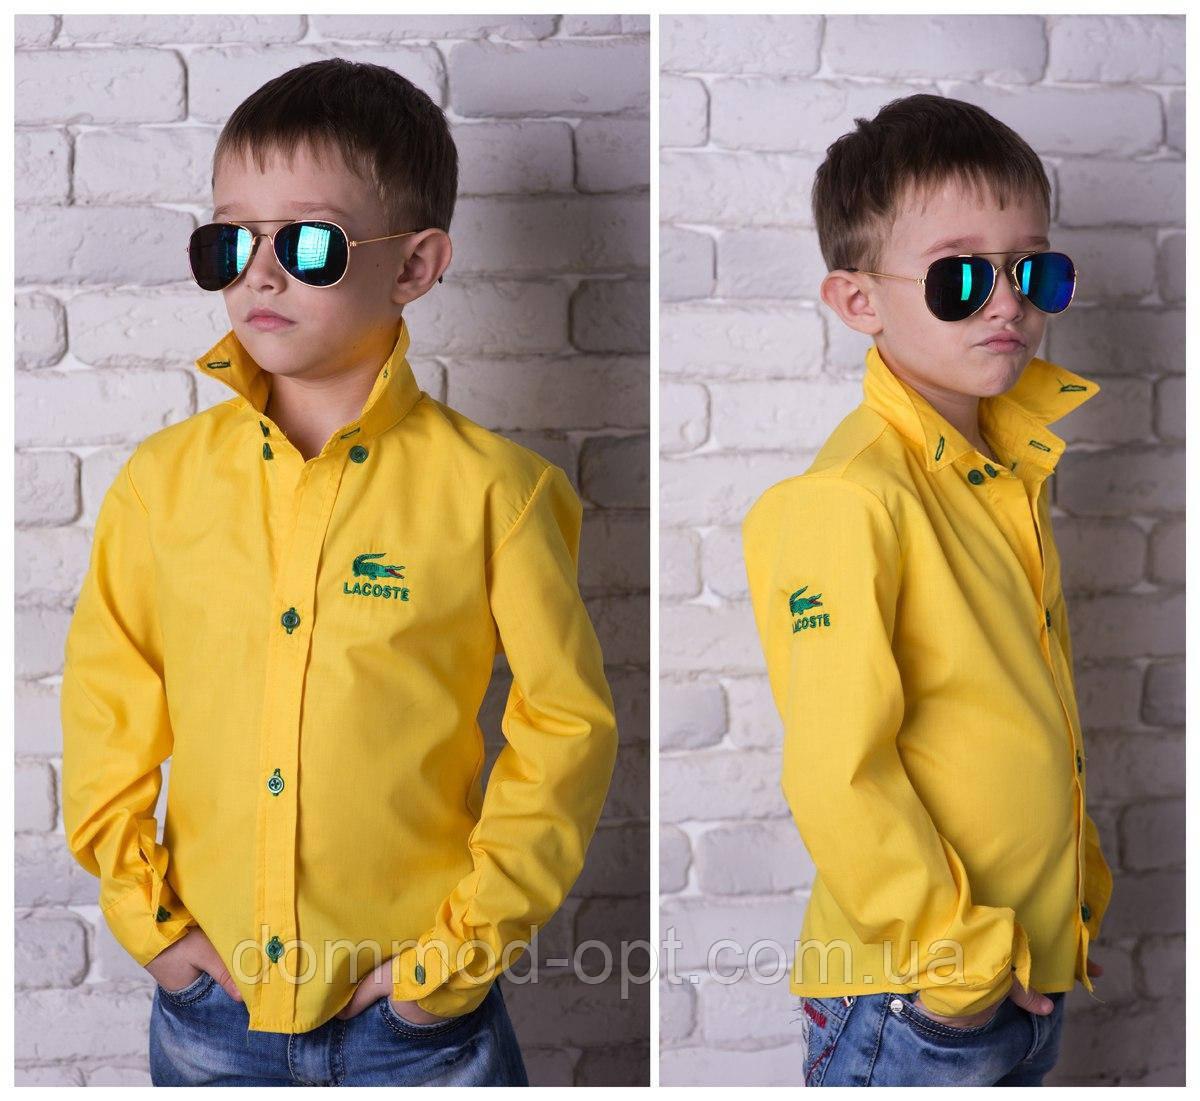 cb91710e2e44 Детская стильная рубашка